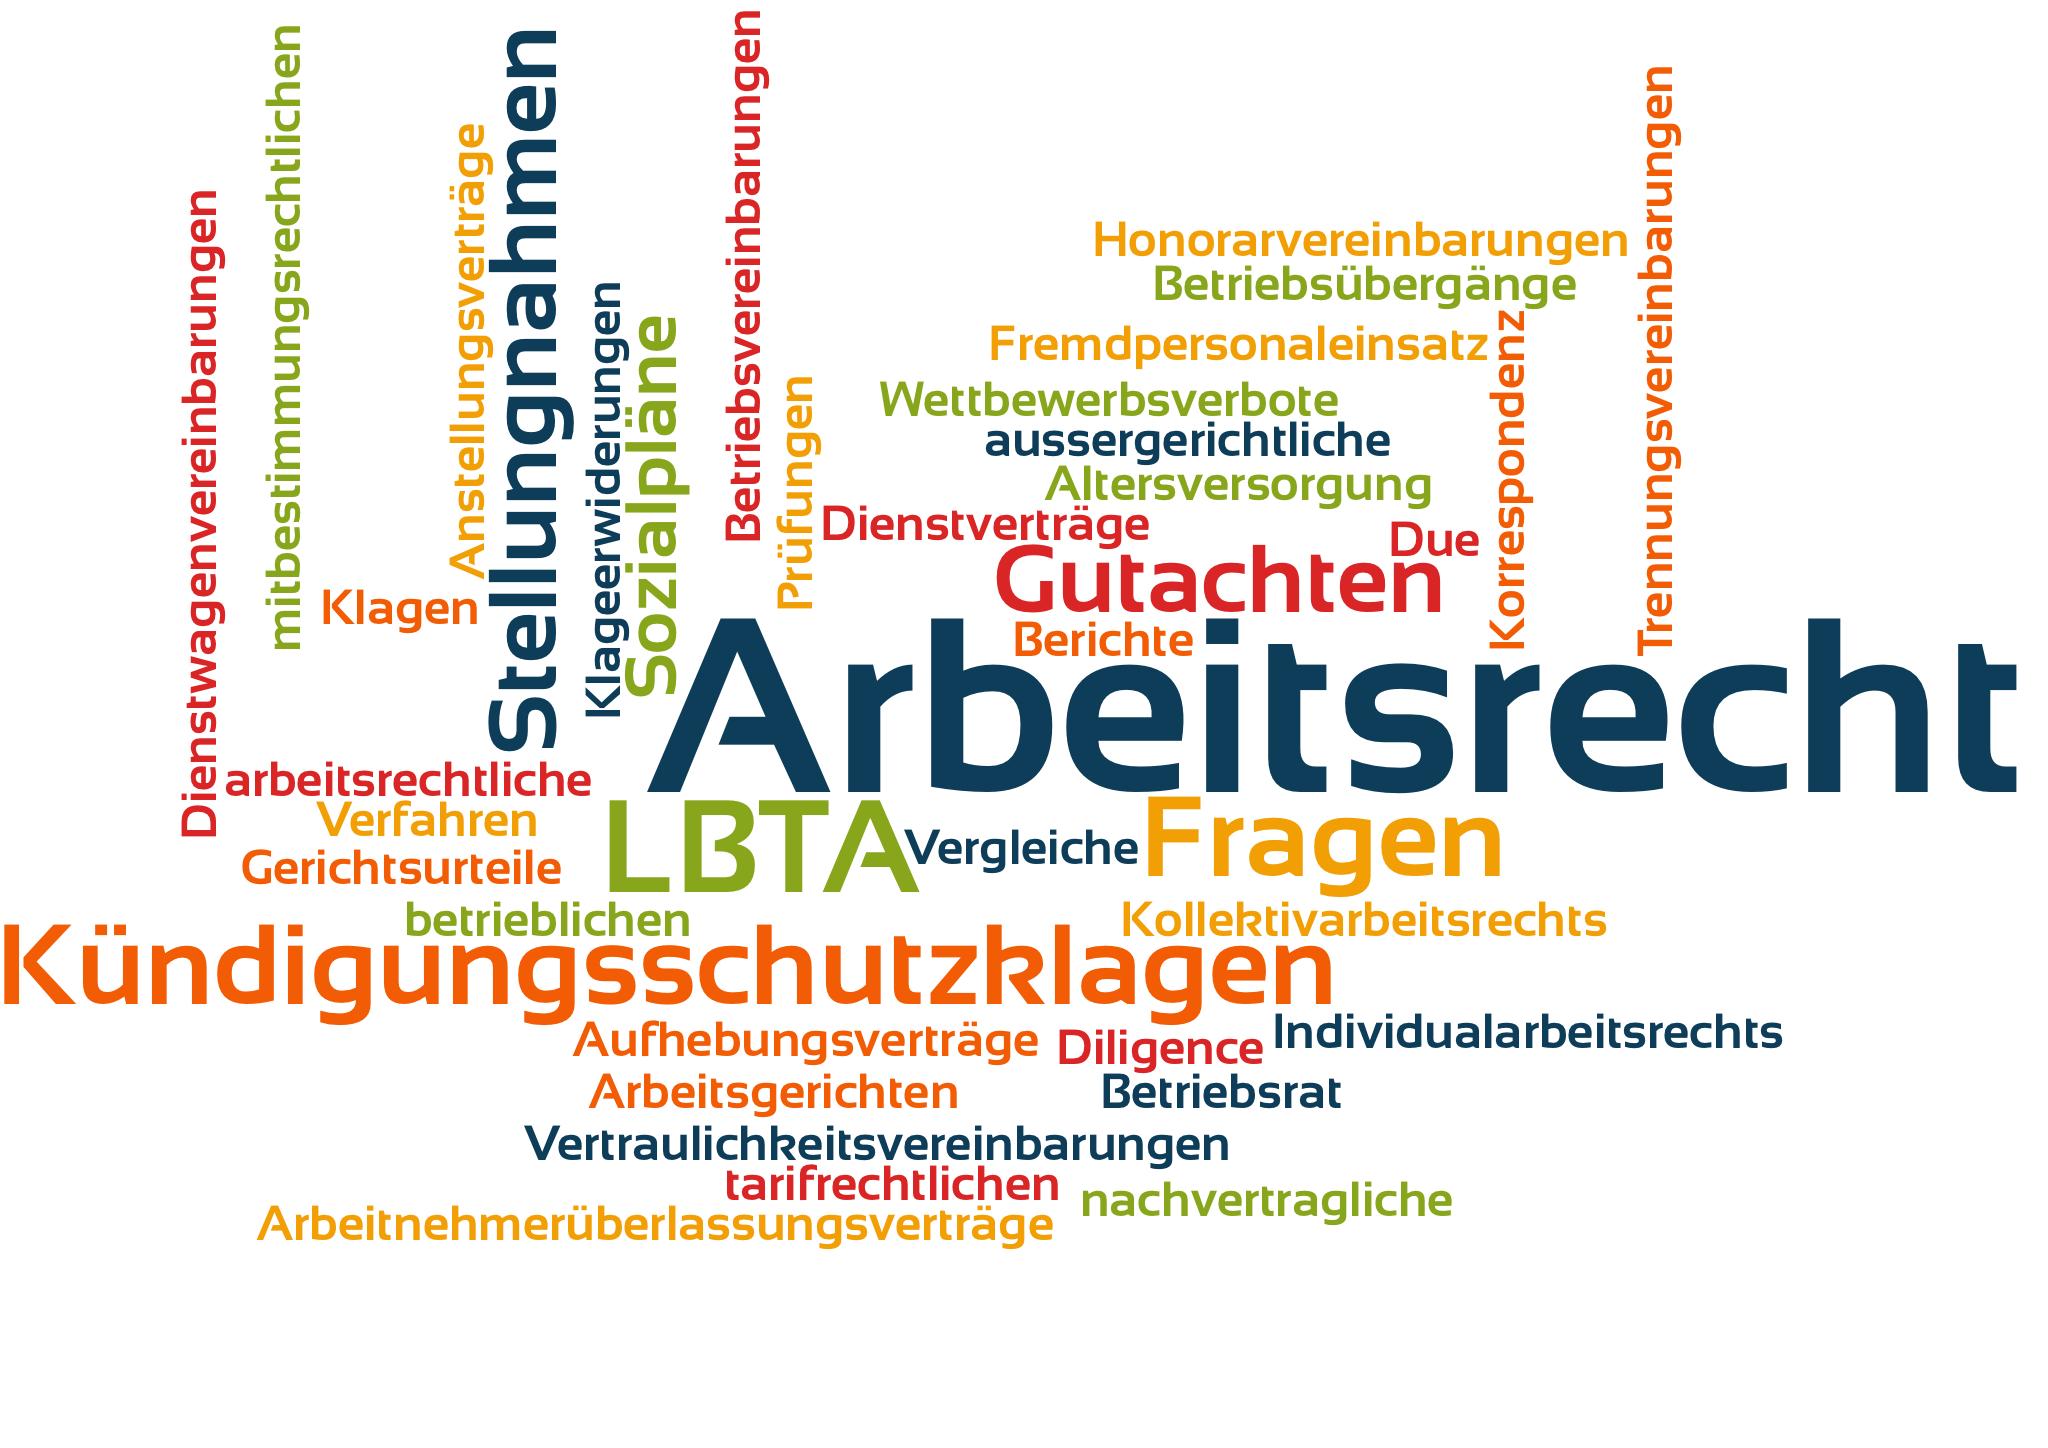 Auf Arbeitsrecht Spezialisiert! Deutsch-Amerikanisches Übersetzerteam. Verbindliches Festpreisangebot - Setzen Sie sich mit uns in Verbindung!